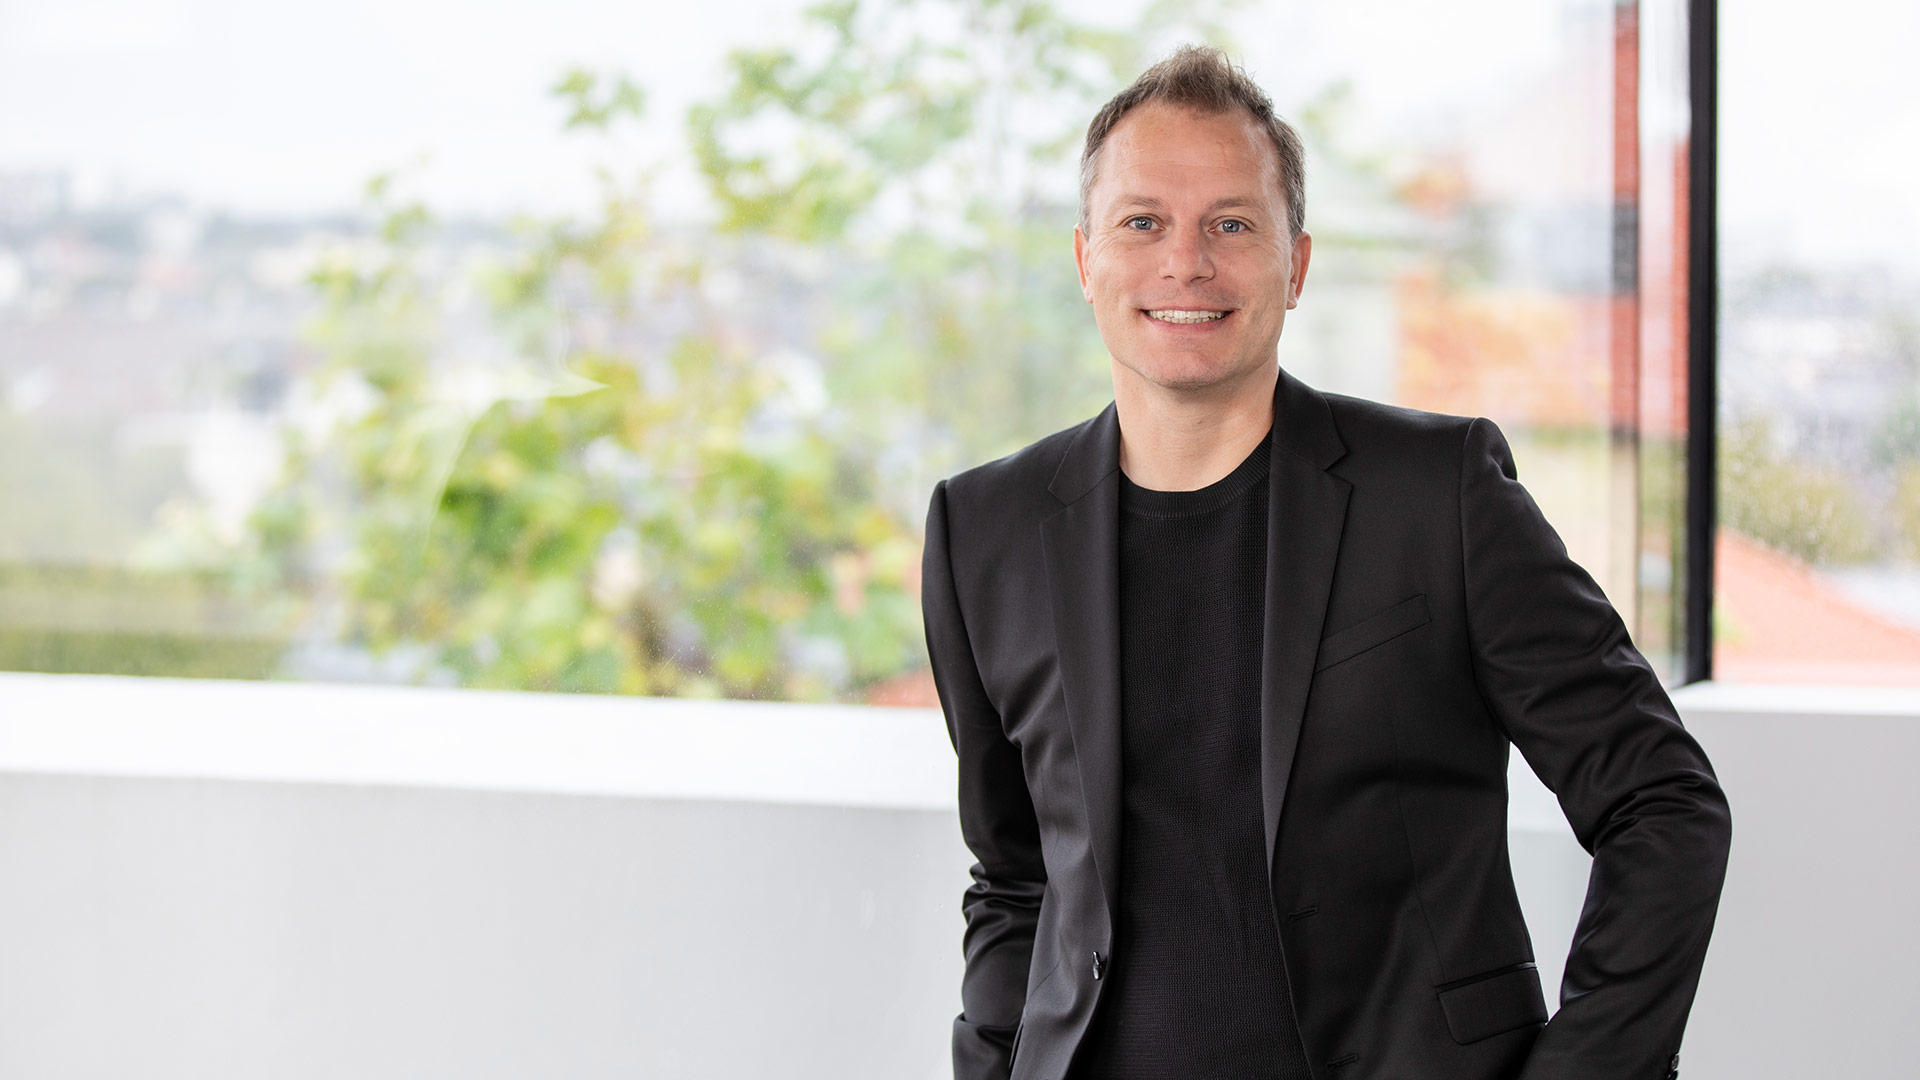 Dr. Peter Aschenbrenner über die essenzielle Bedeutung von Wissen für Führungskräfte